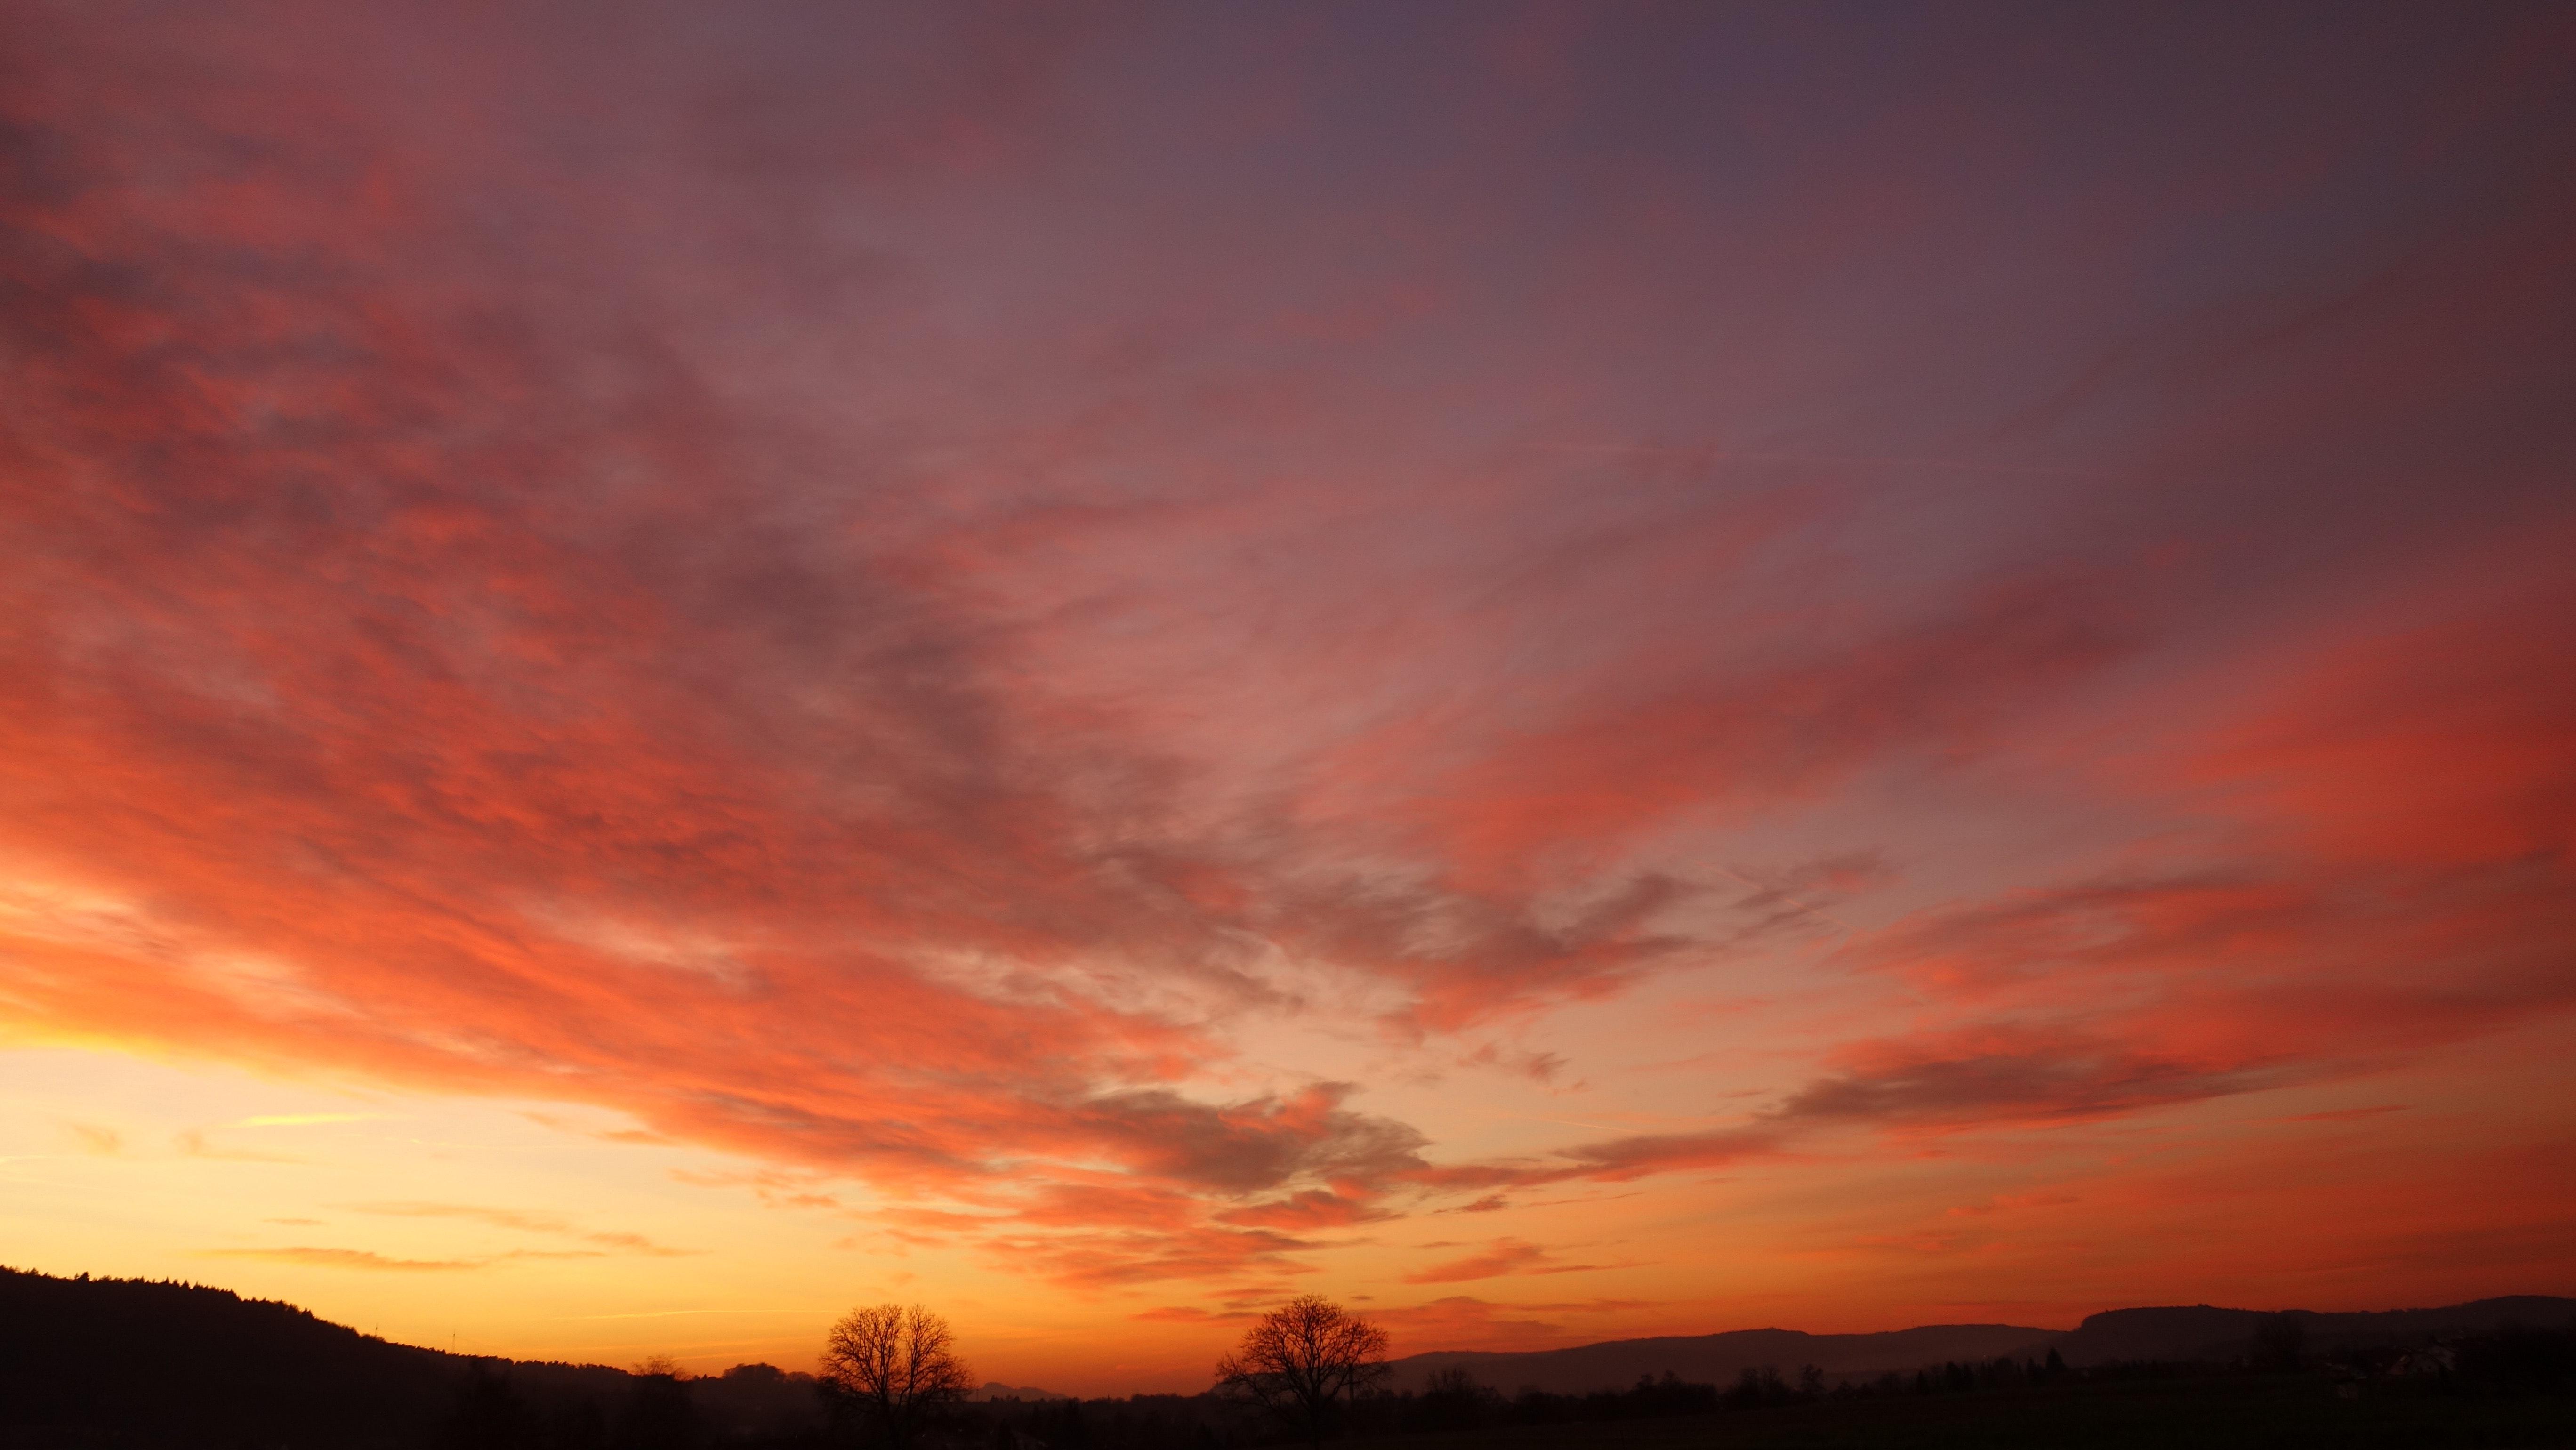 1000+ Beautiful Evening Sky Photos · Pexels · Free Stock Photos